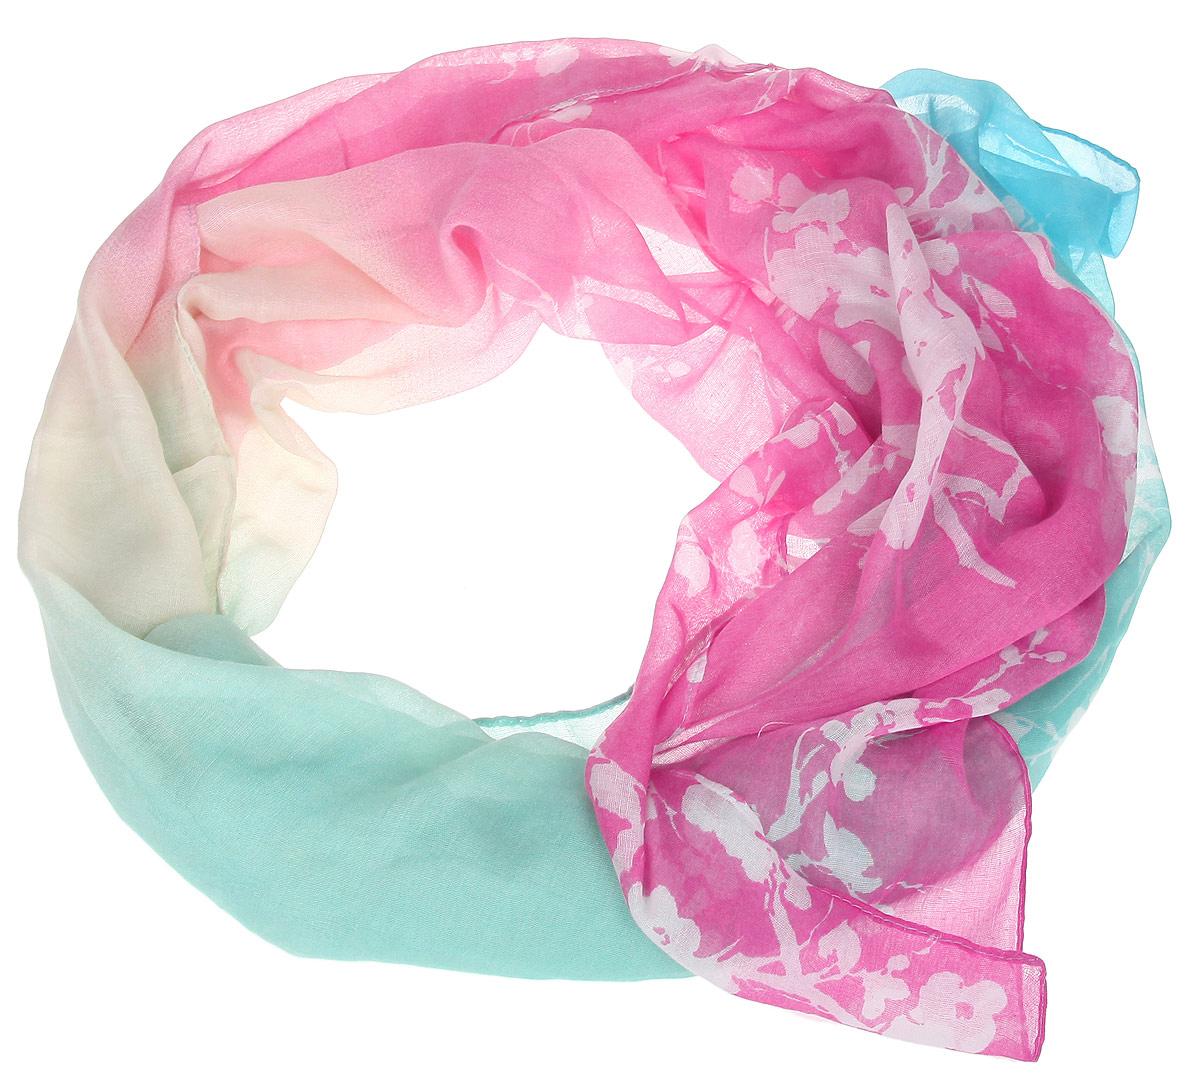 Шарф женский. B16-11409B16-11409Модный женский шарф Finn Flare подарит вам уют и станет стильным аксессуаром, который призван подчеркнуть вашу индивидуальность и женственность. Тонкий шарф выполнен из высококачественной вискозы, он невероятно мягкий и приятный на ощупь. Шарф оформлен изысканным цветочным принтом. Этот модный аксессуар гармонично дополнит образ современной женщины, следящей за своим имиджем и стремящейся всегда оставаться стильной и элегантной. Такой шарф украсит любой наряд и согреет вас в непогоду, с ним вы всегда будете выглядеть изысканно и оригинально.